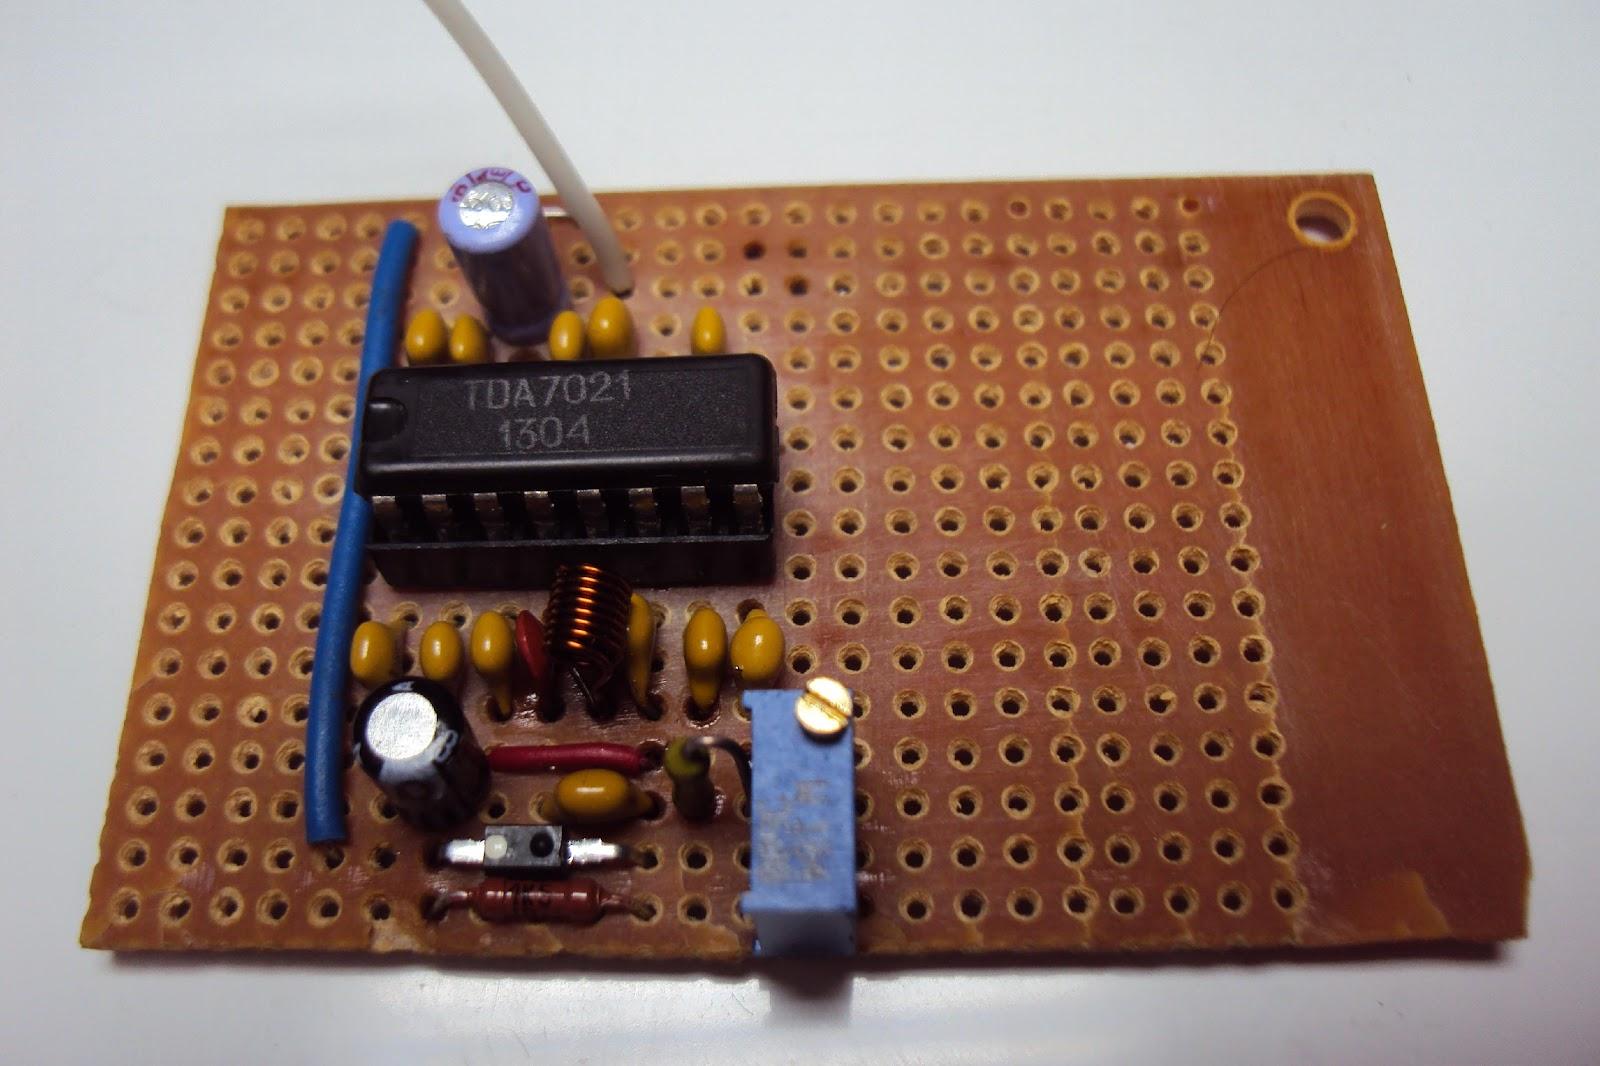 схема многодиапазонного приёмника на ta8164